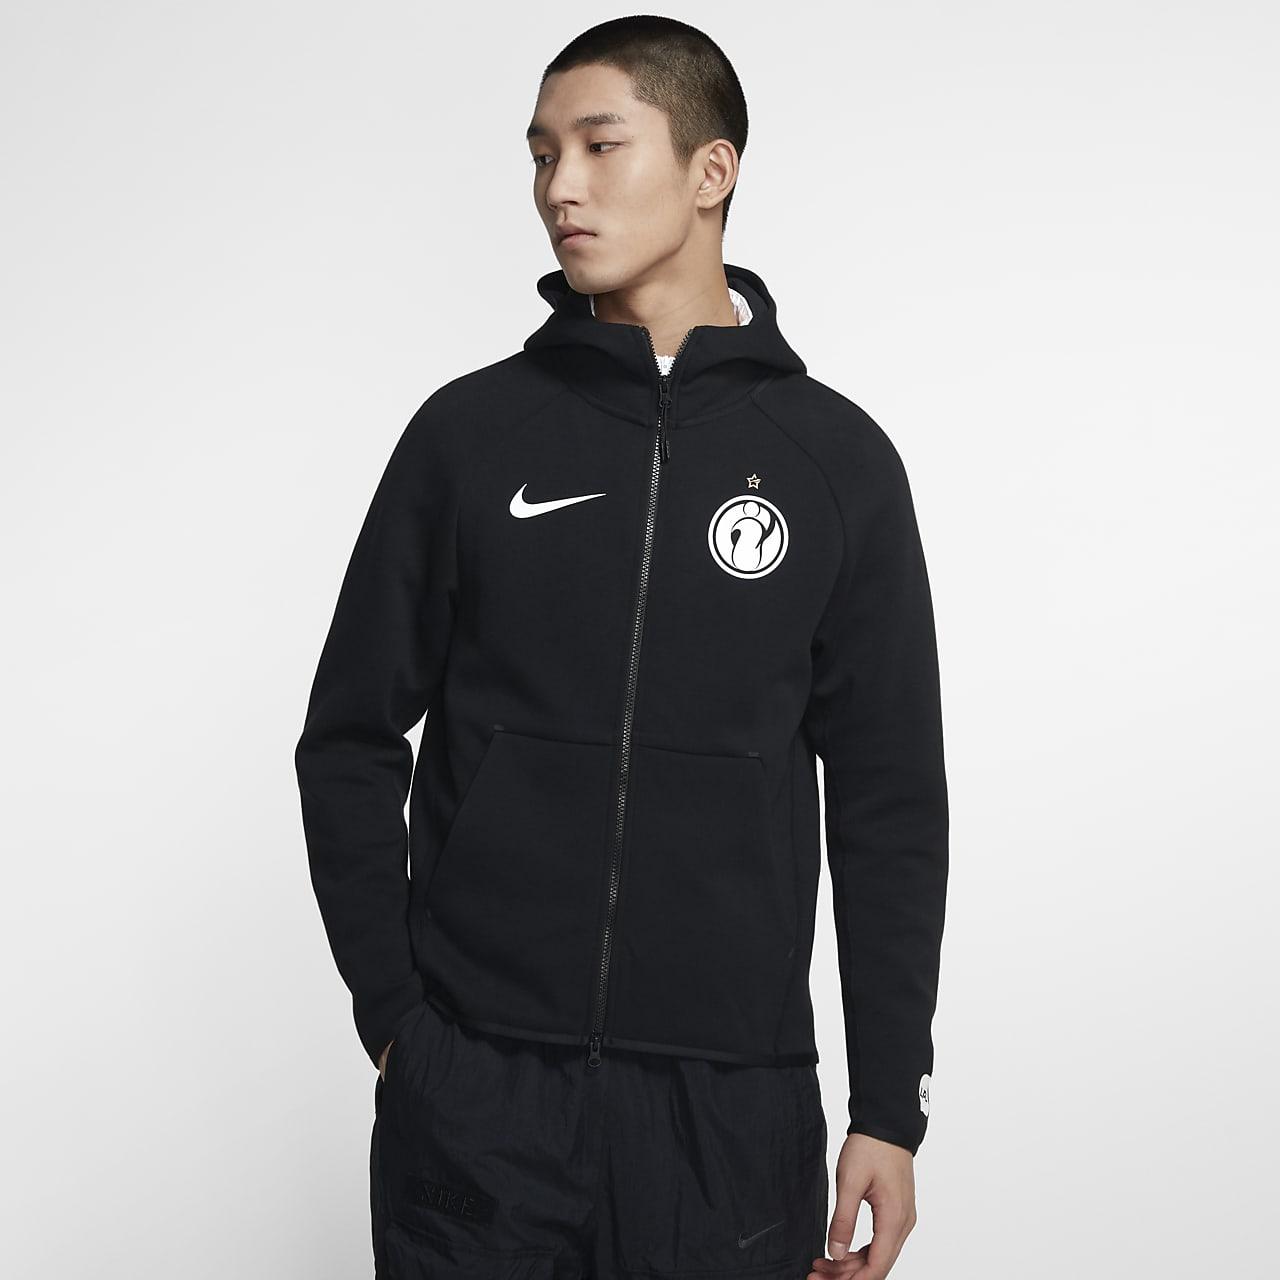 Nike X LPL 战队(IG)比赛男子连帽衫